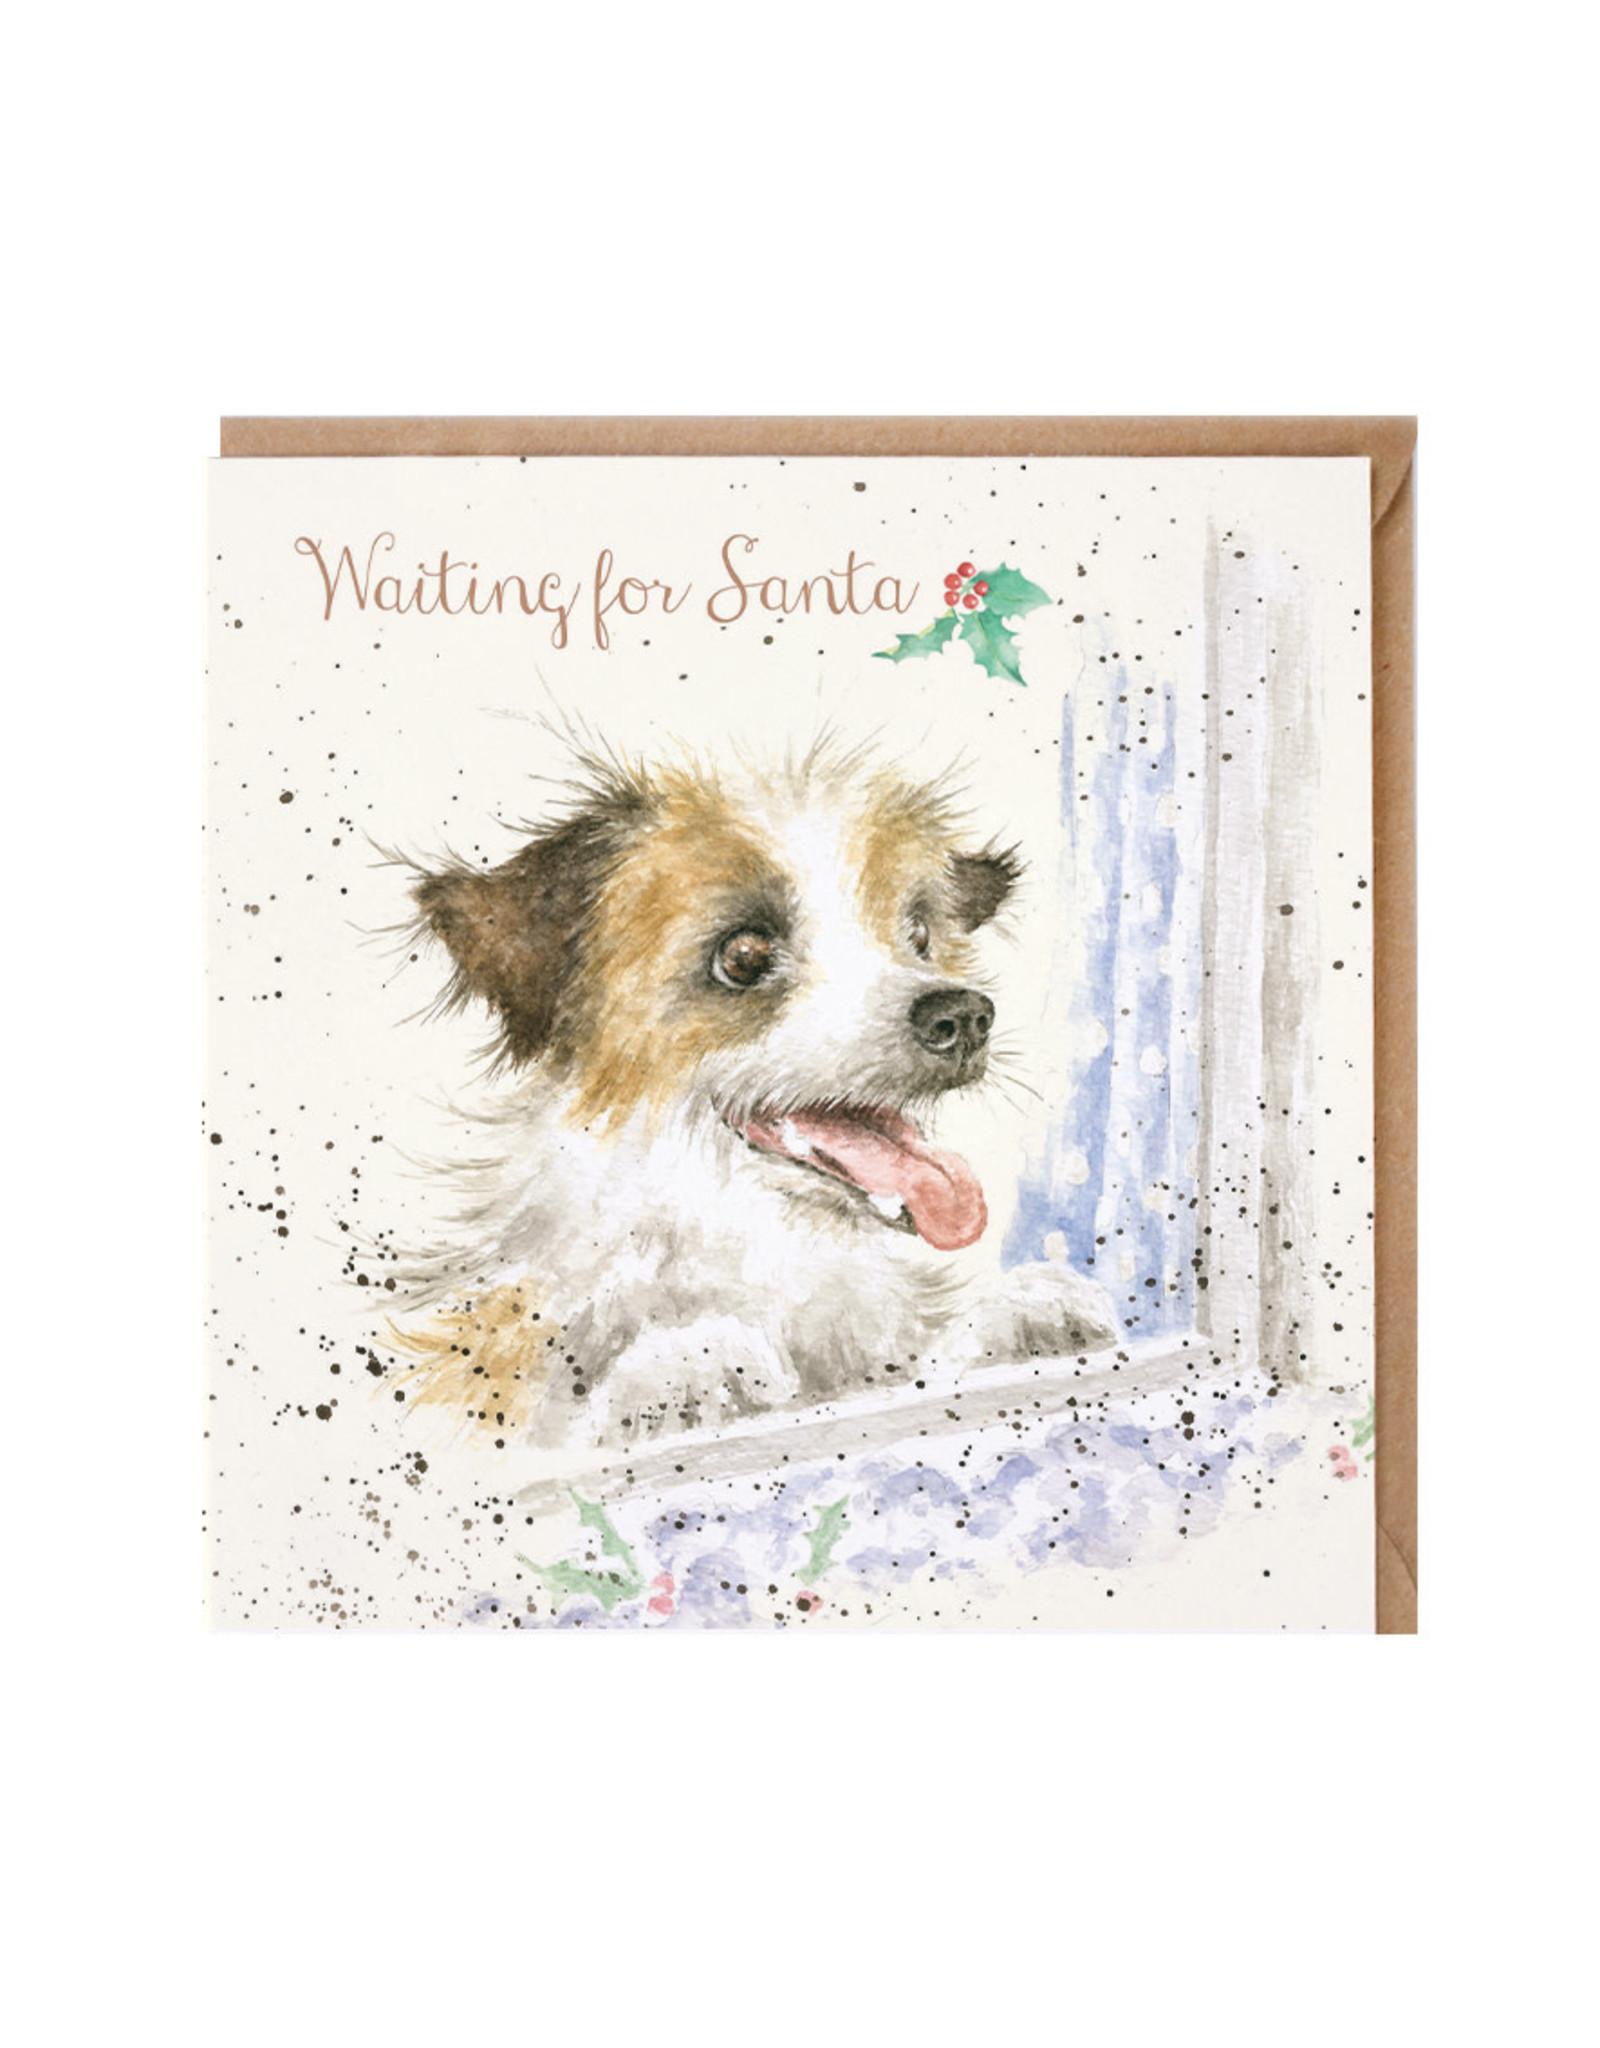 Wrendale Wenskaart - Waiting for Santa